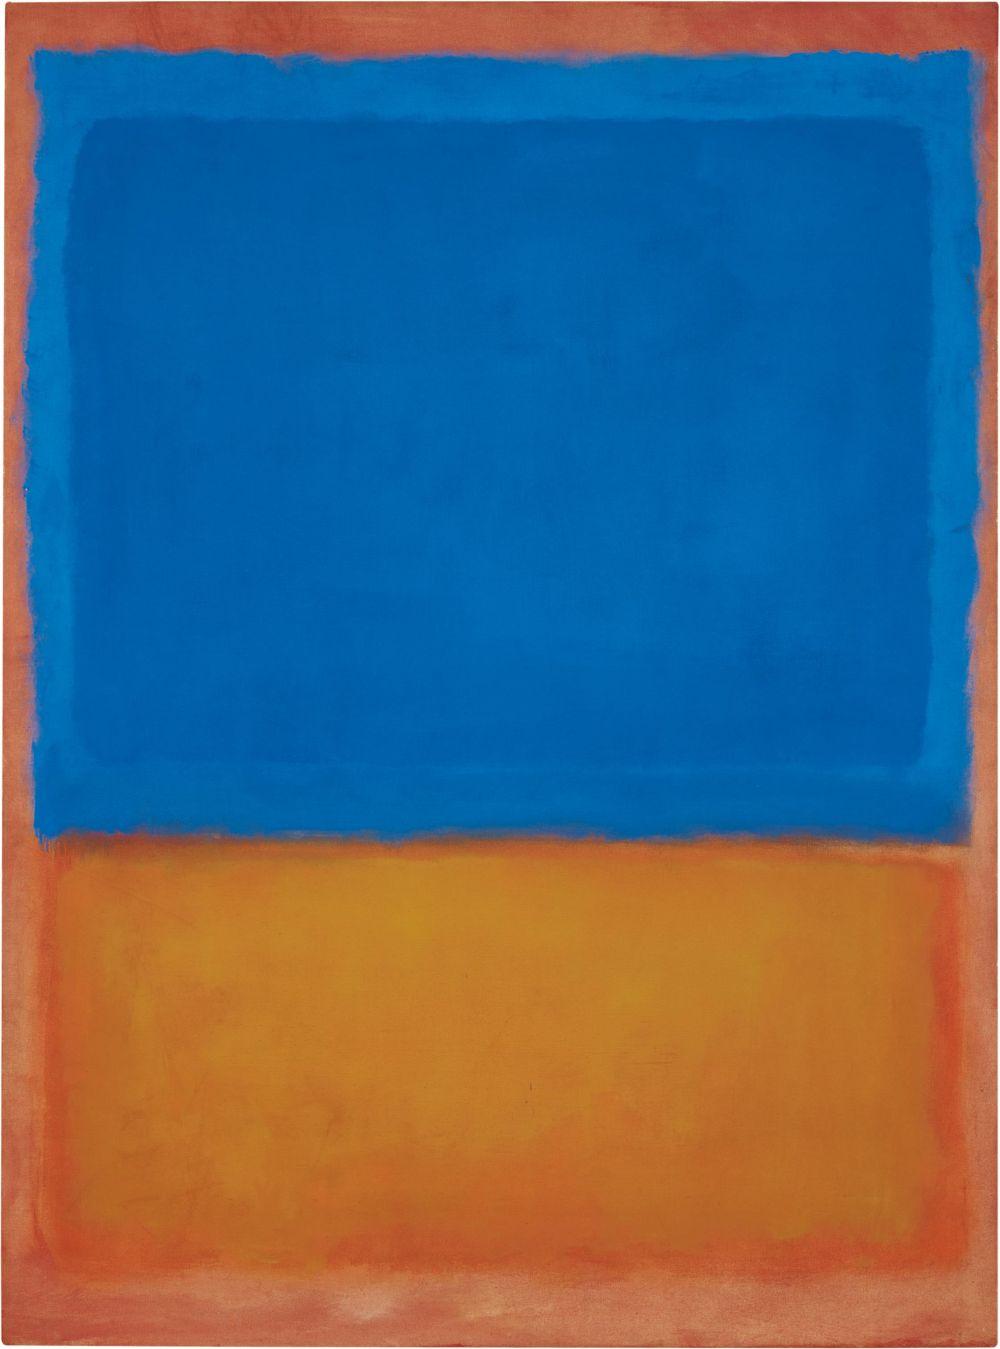 Mart Rothko, Bez tytułu (Czerwony, Niebieski, Oranż), 1955, źródło: Phillips de Pury